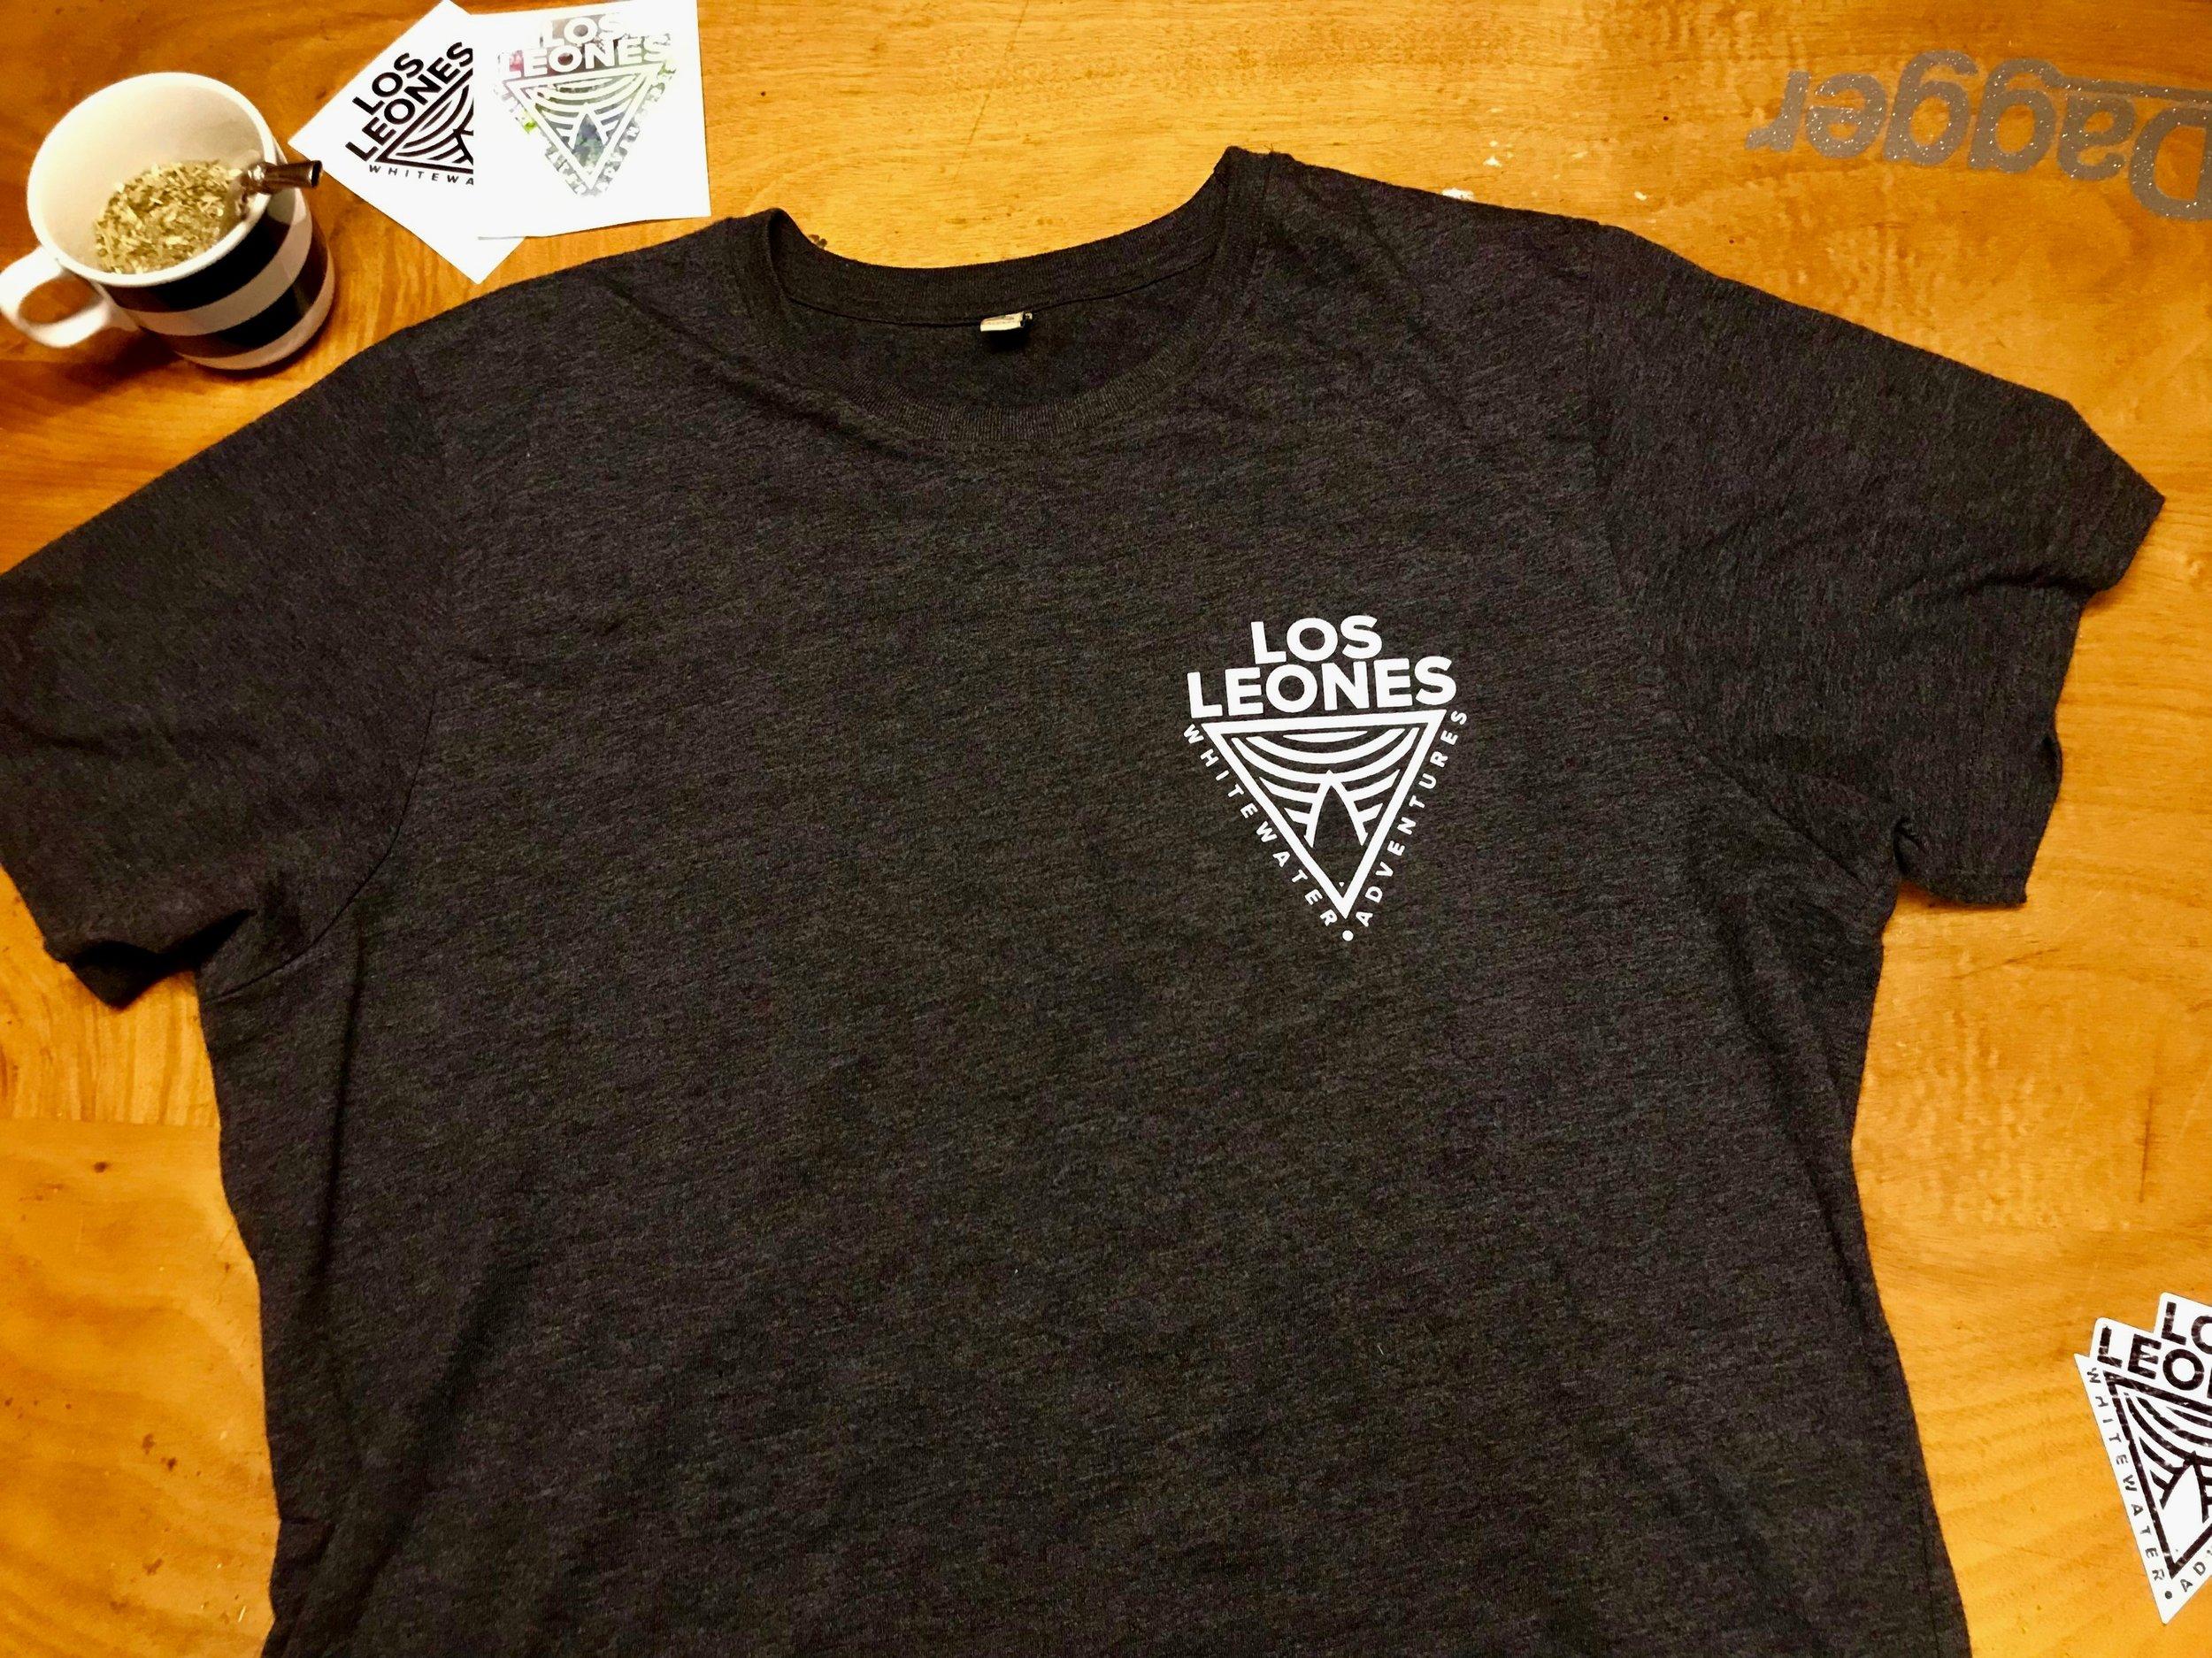 DAs Löwenshirt.. - Ein T-shirt aus alten Shirts und Plastikflaschen mit einem hammer Aufdruck..Momentan erhältlich in den Grössen:S / M / L / XLPreis: 30.-